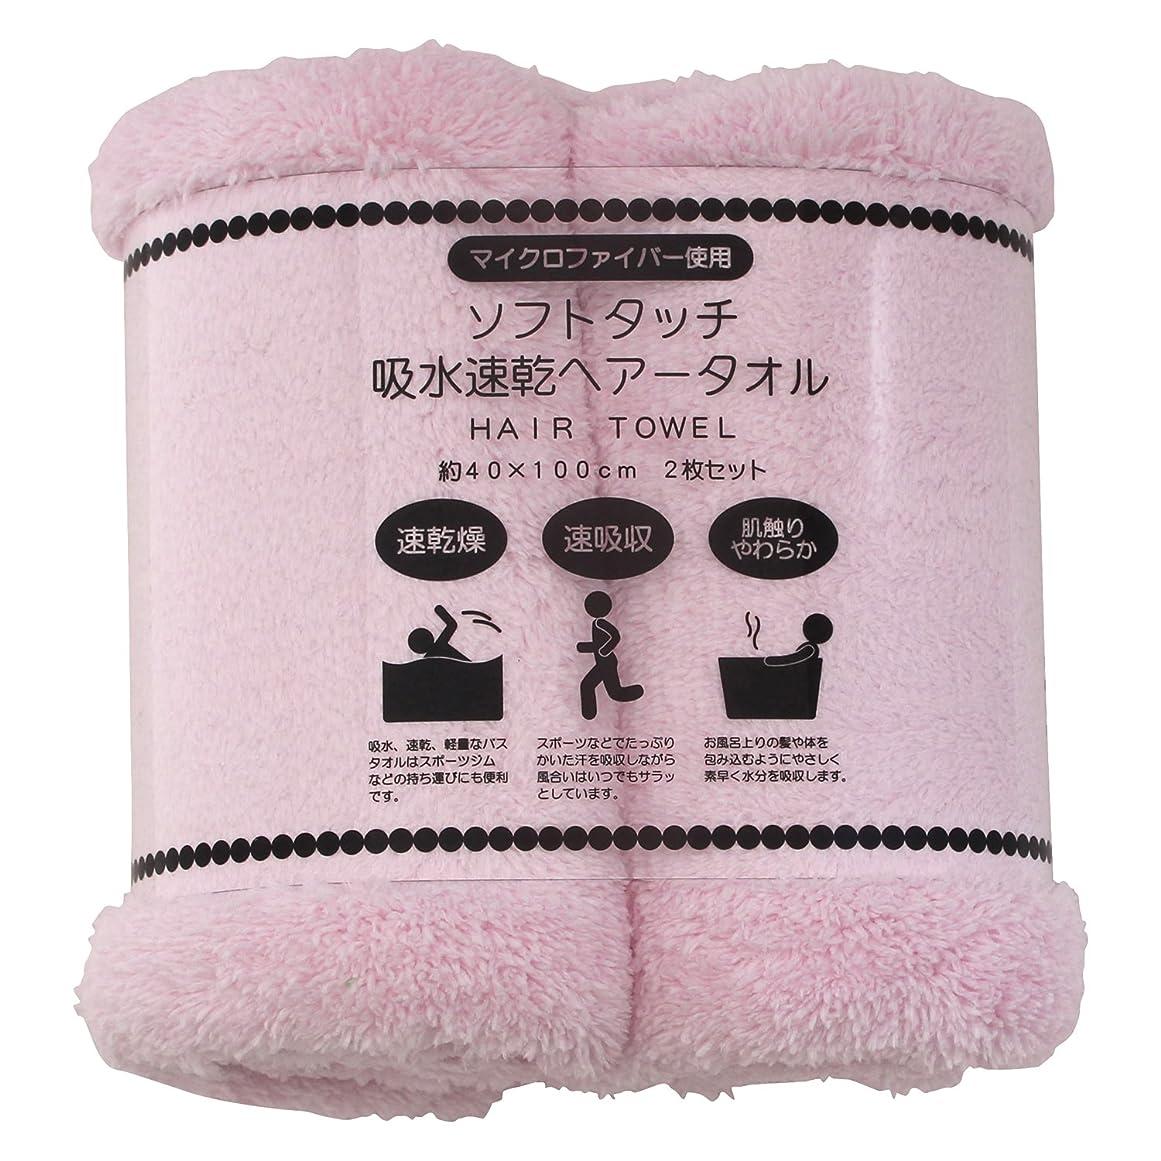 もっともらしい干渉些細ソフトタッチ吸水速乾ヘアータオル 40×100cm 2枚セット ピンク